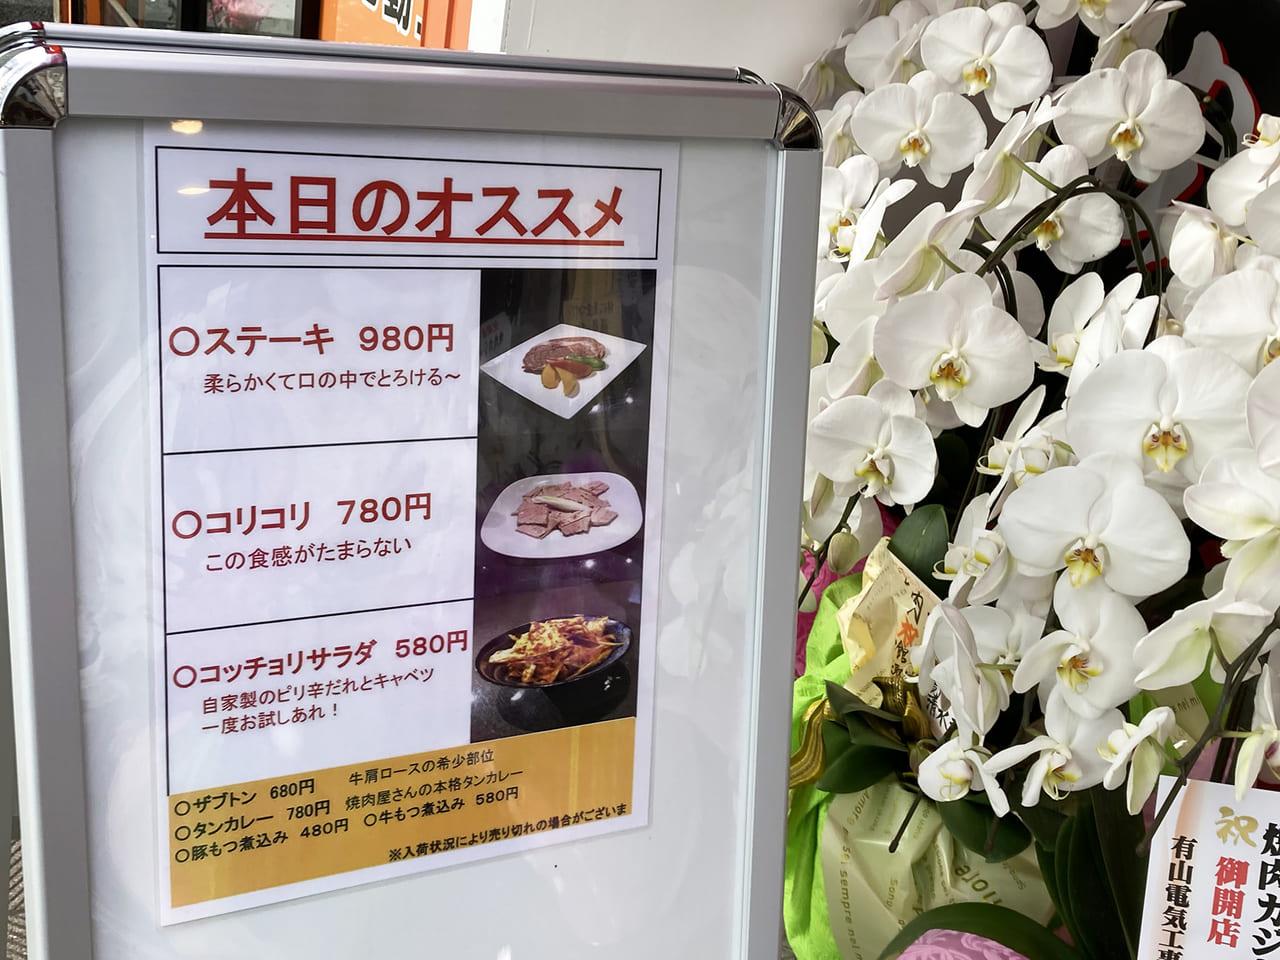 kaja聖蹟桜ヶ丘で新規オープン相次ぐ!3~4月出店情報まとめ